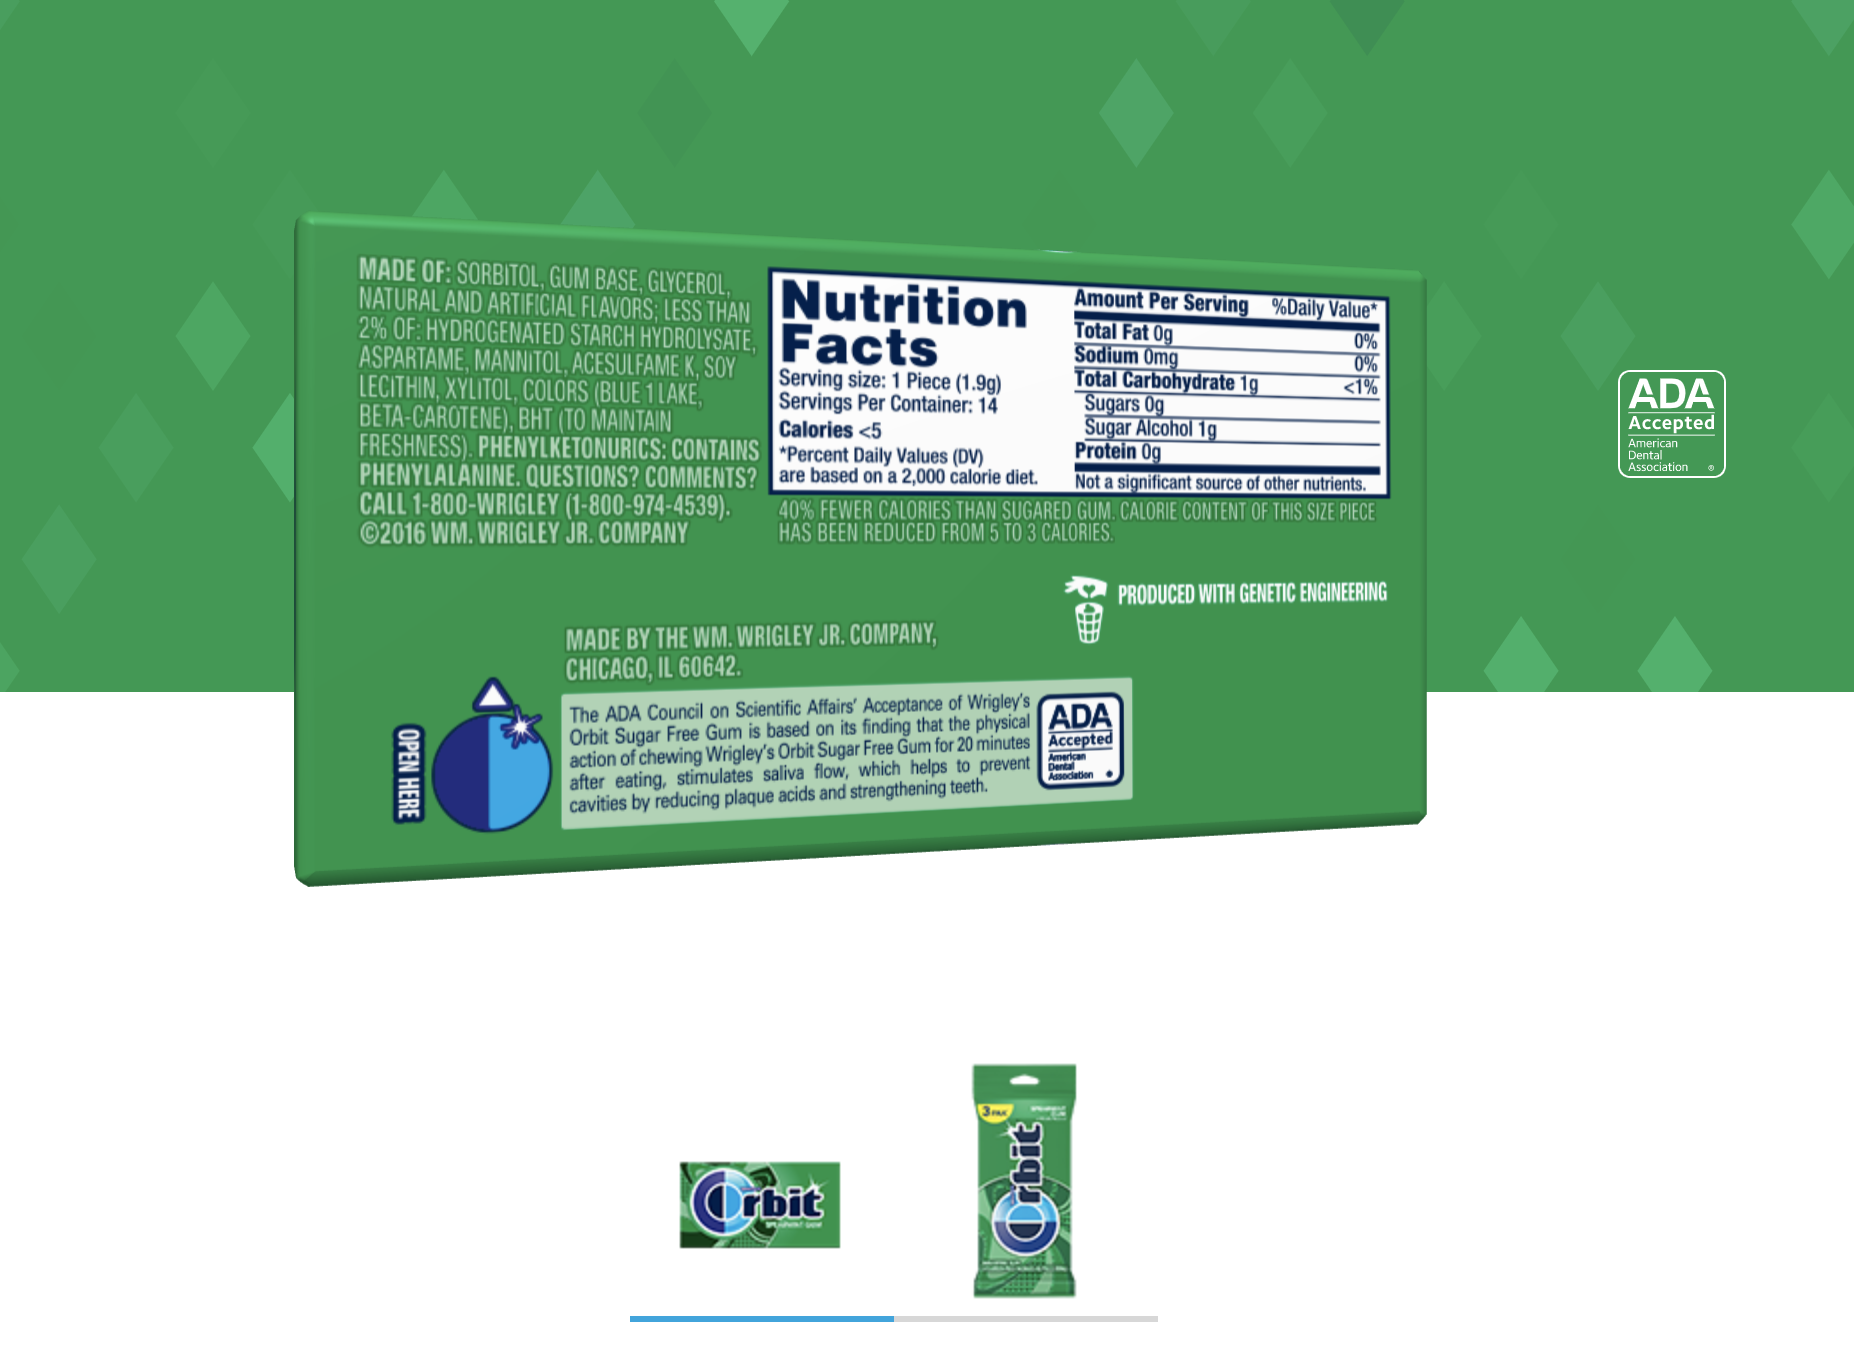 orbit gum ingredients